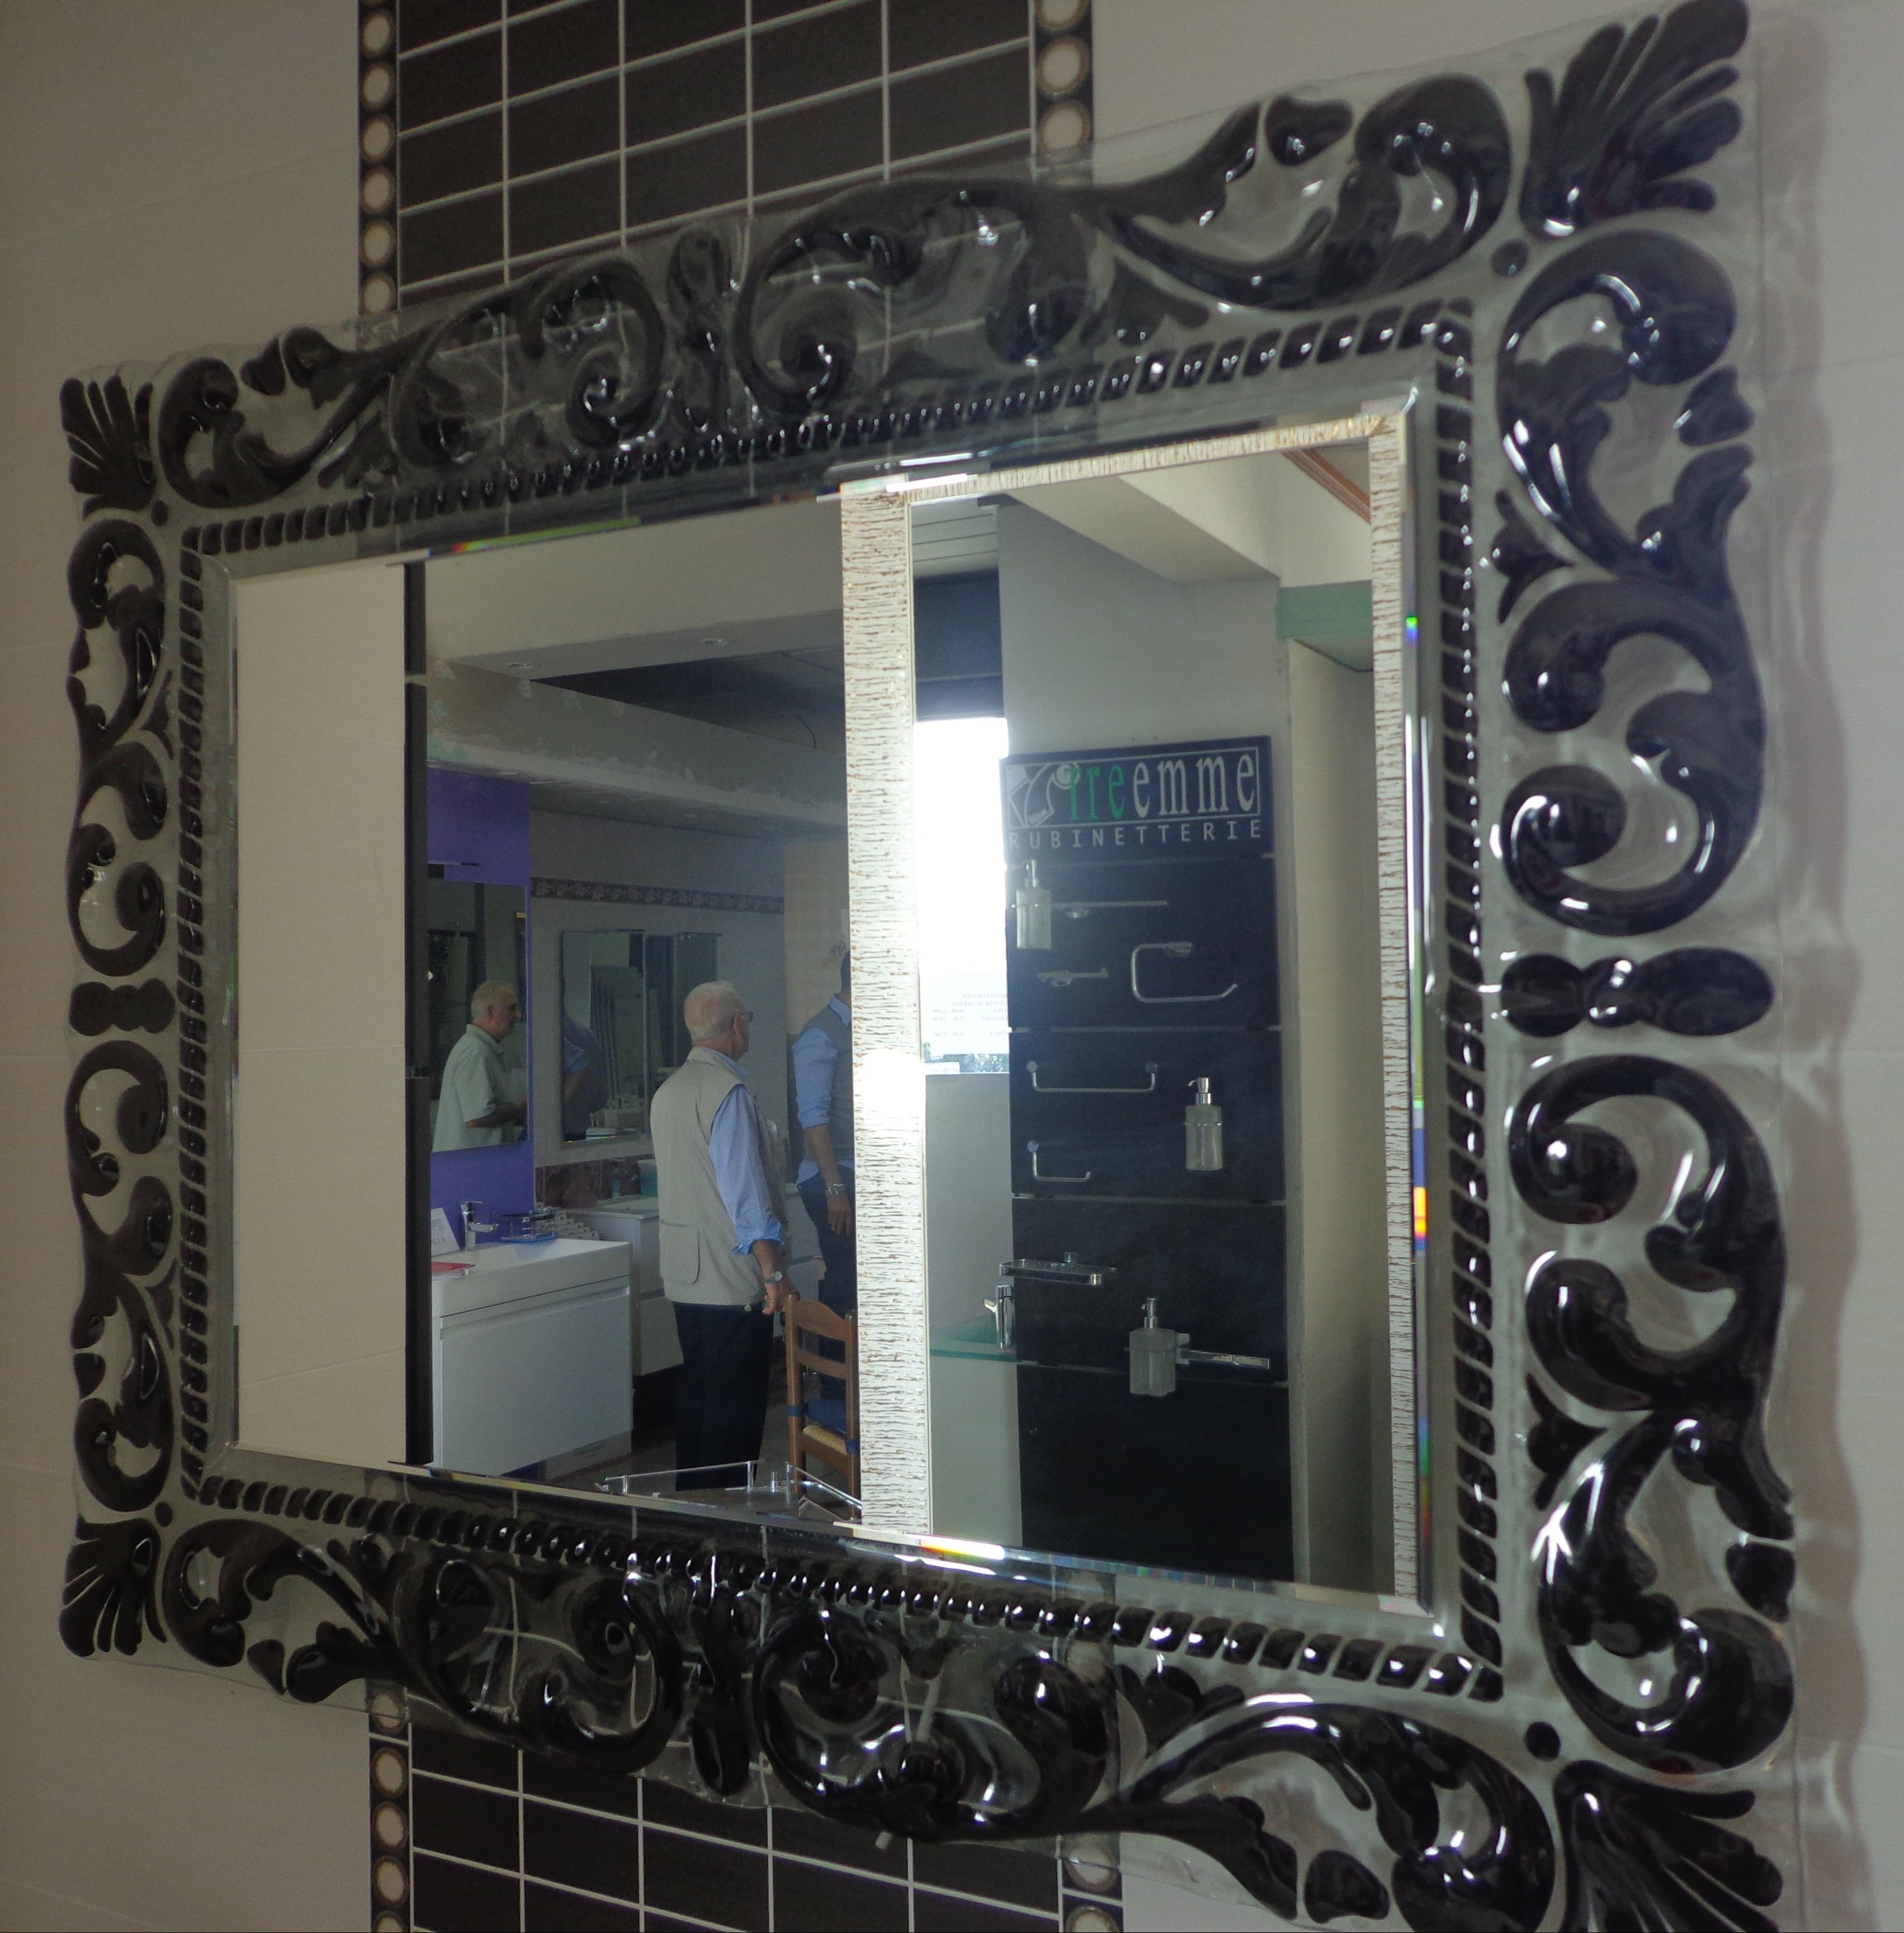 Specchio led arredo bagno a prezzi scontati - Specchio bagno led prezzo ...